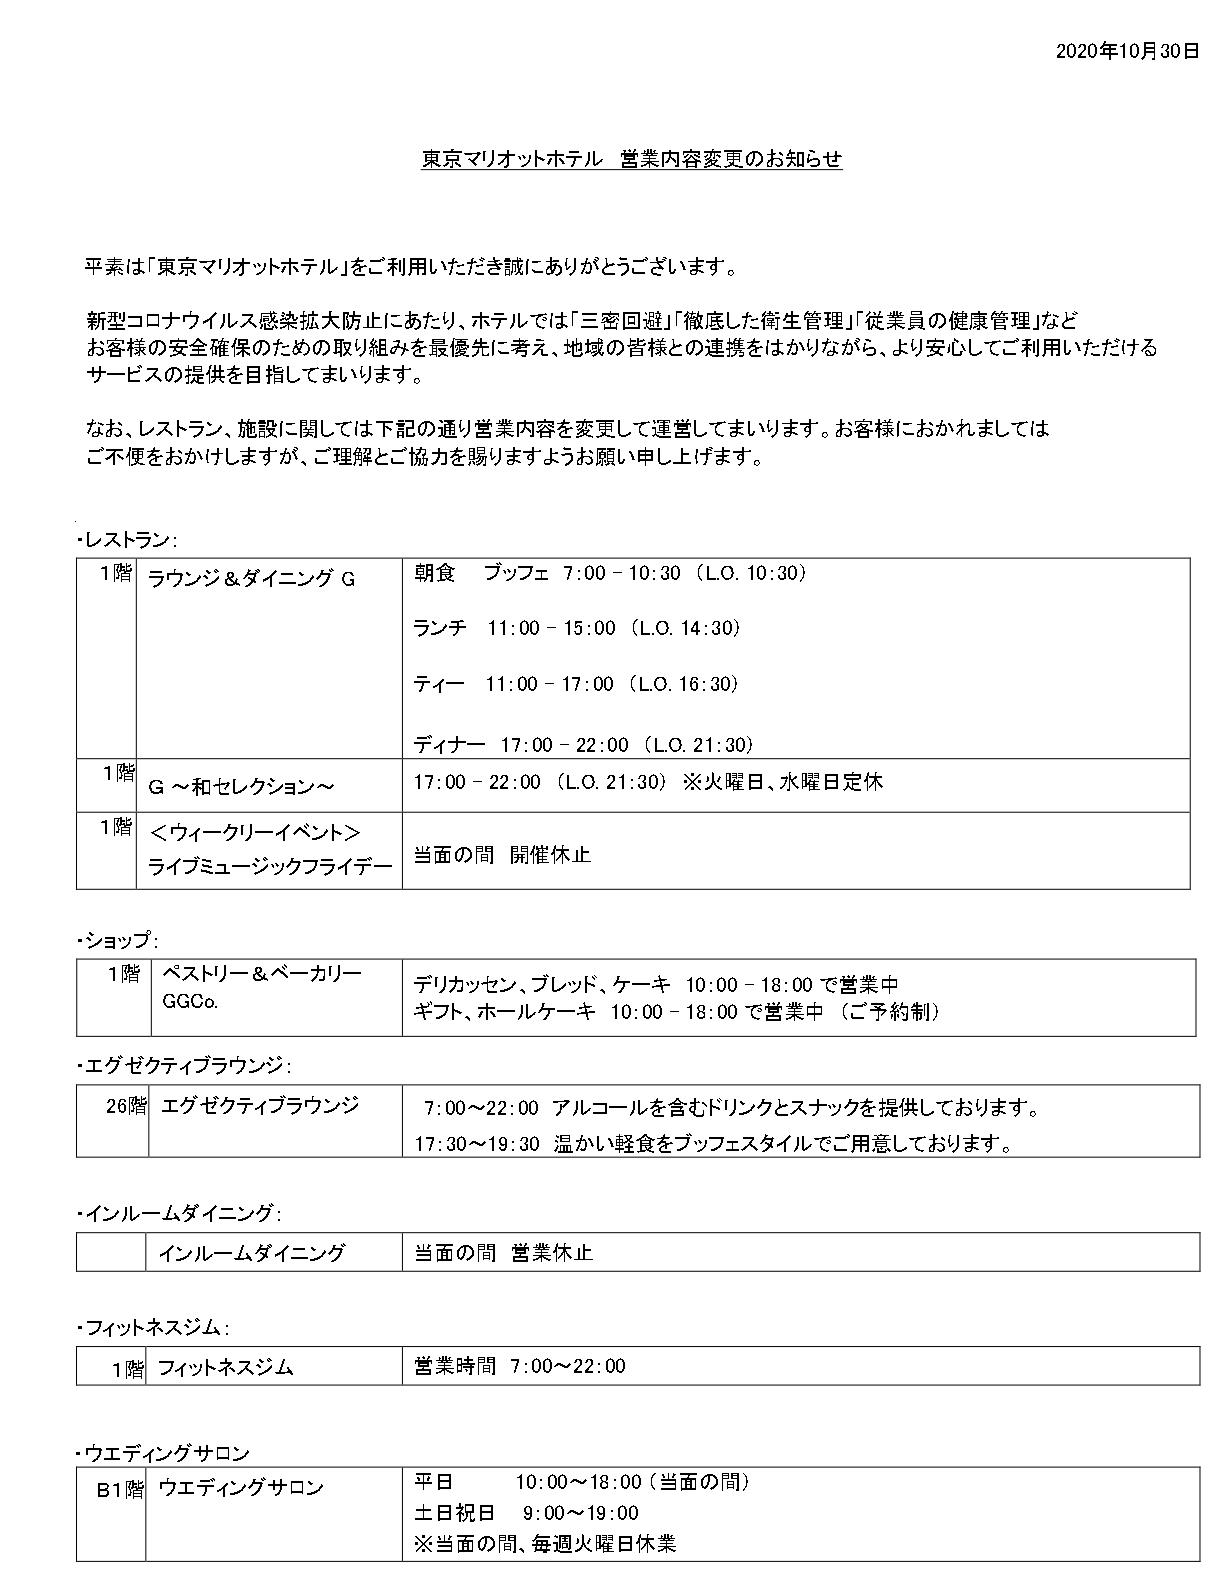 東京マリオット オープン状況 20年12月